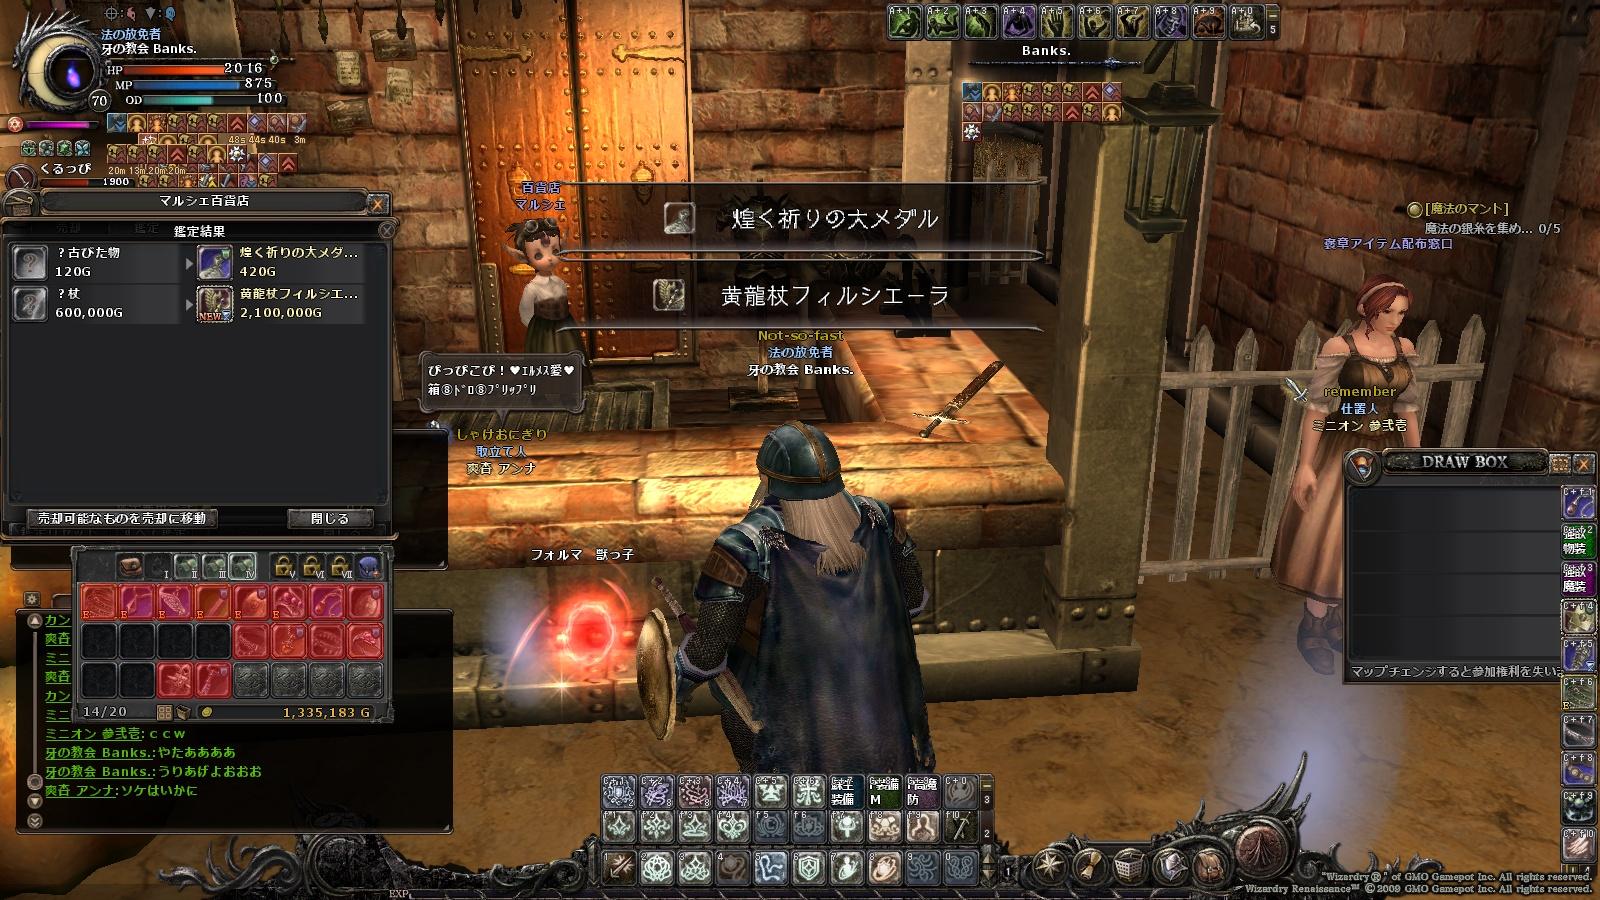 wo_20141114_221102.jpg